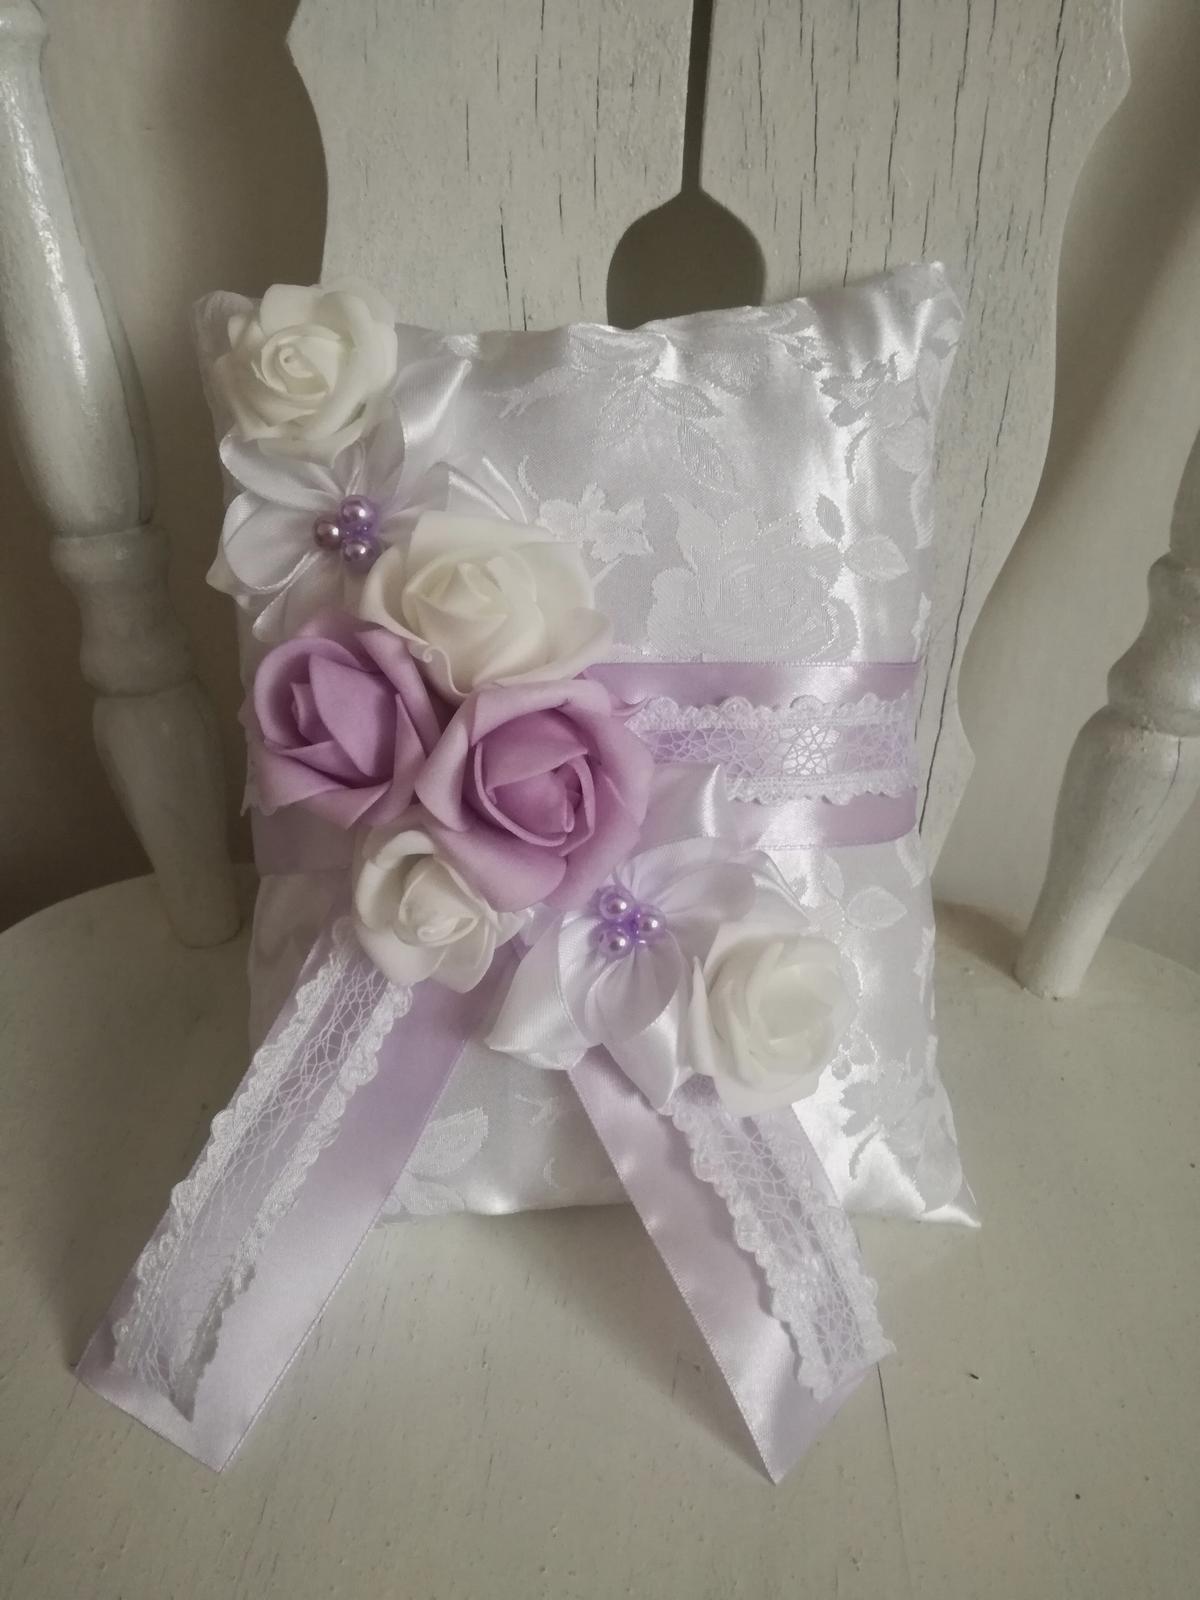 Fialovo ružová,pošta v cene - Obrázok č. 4